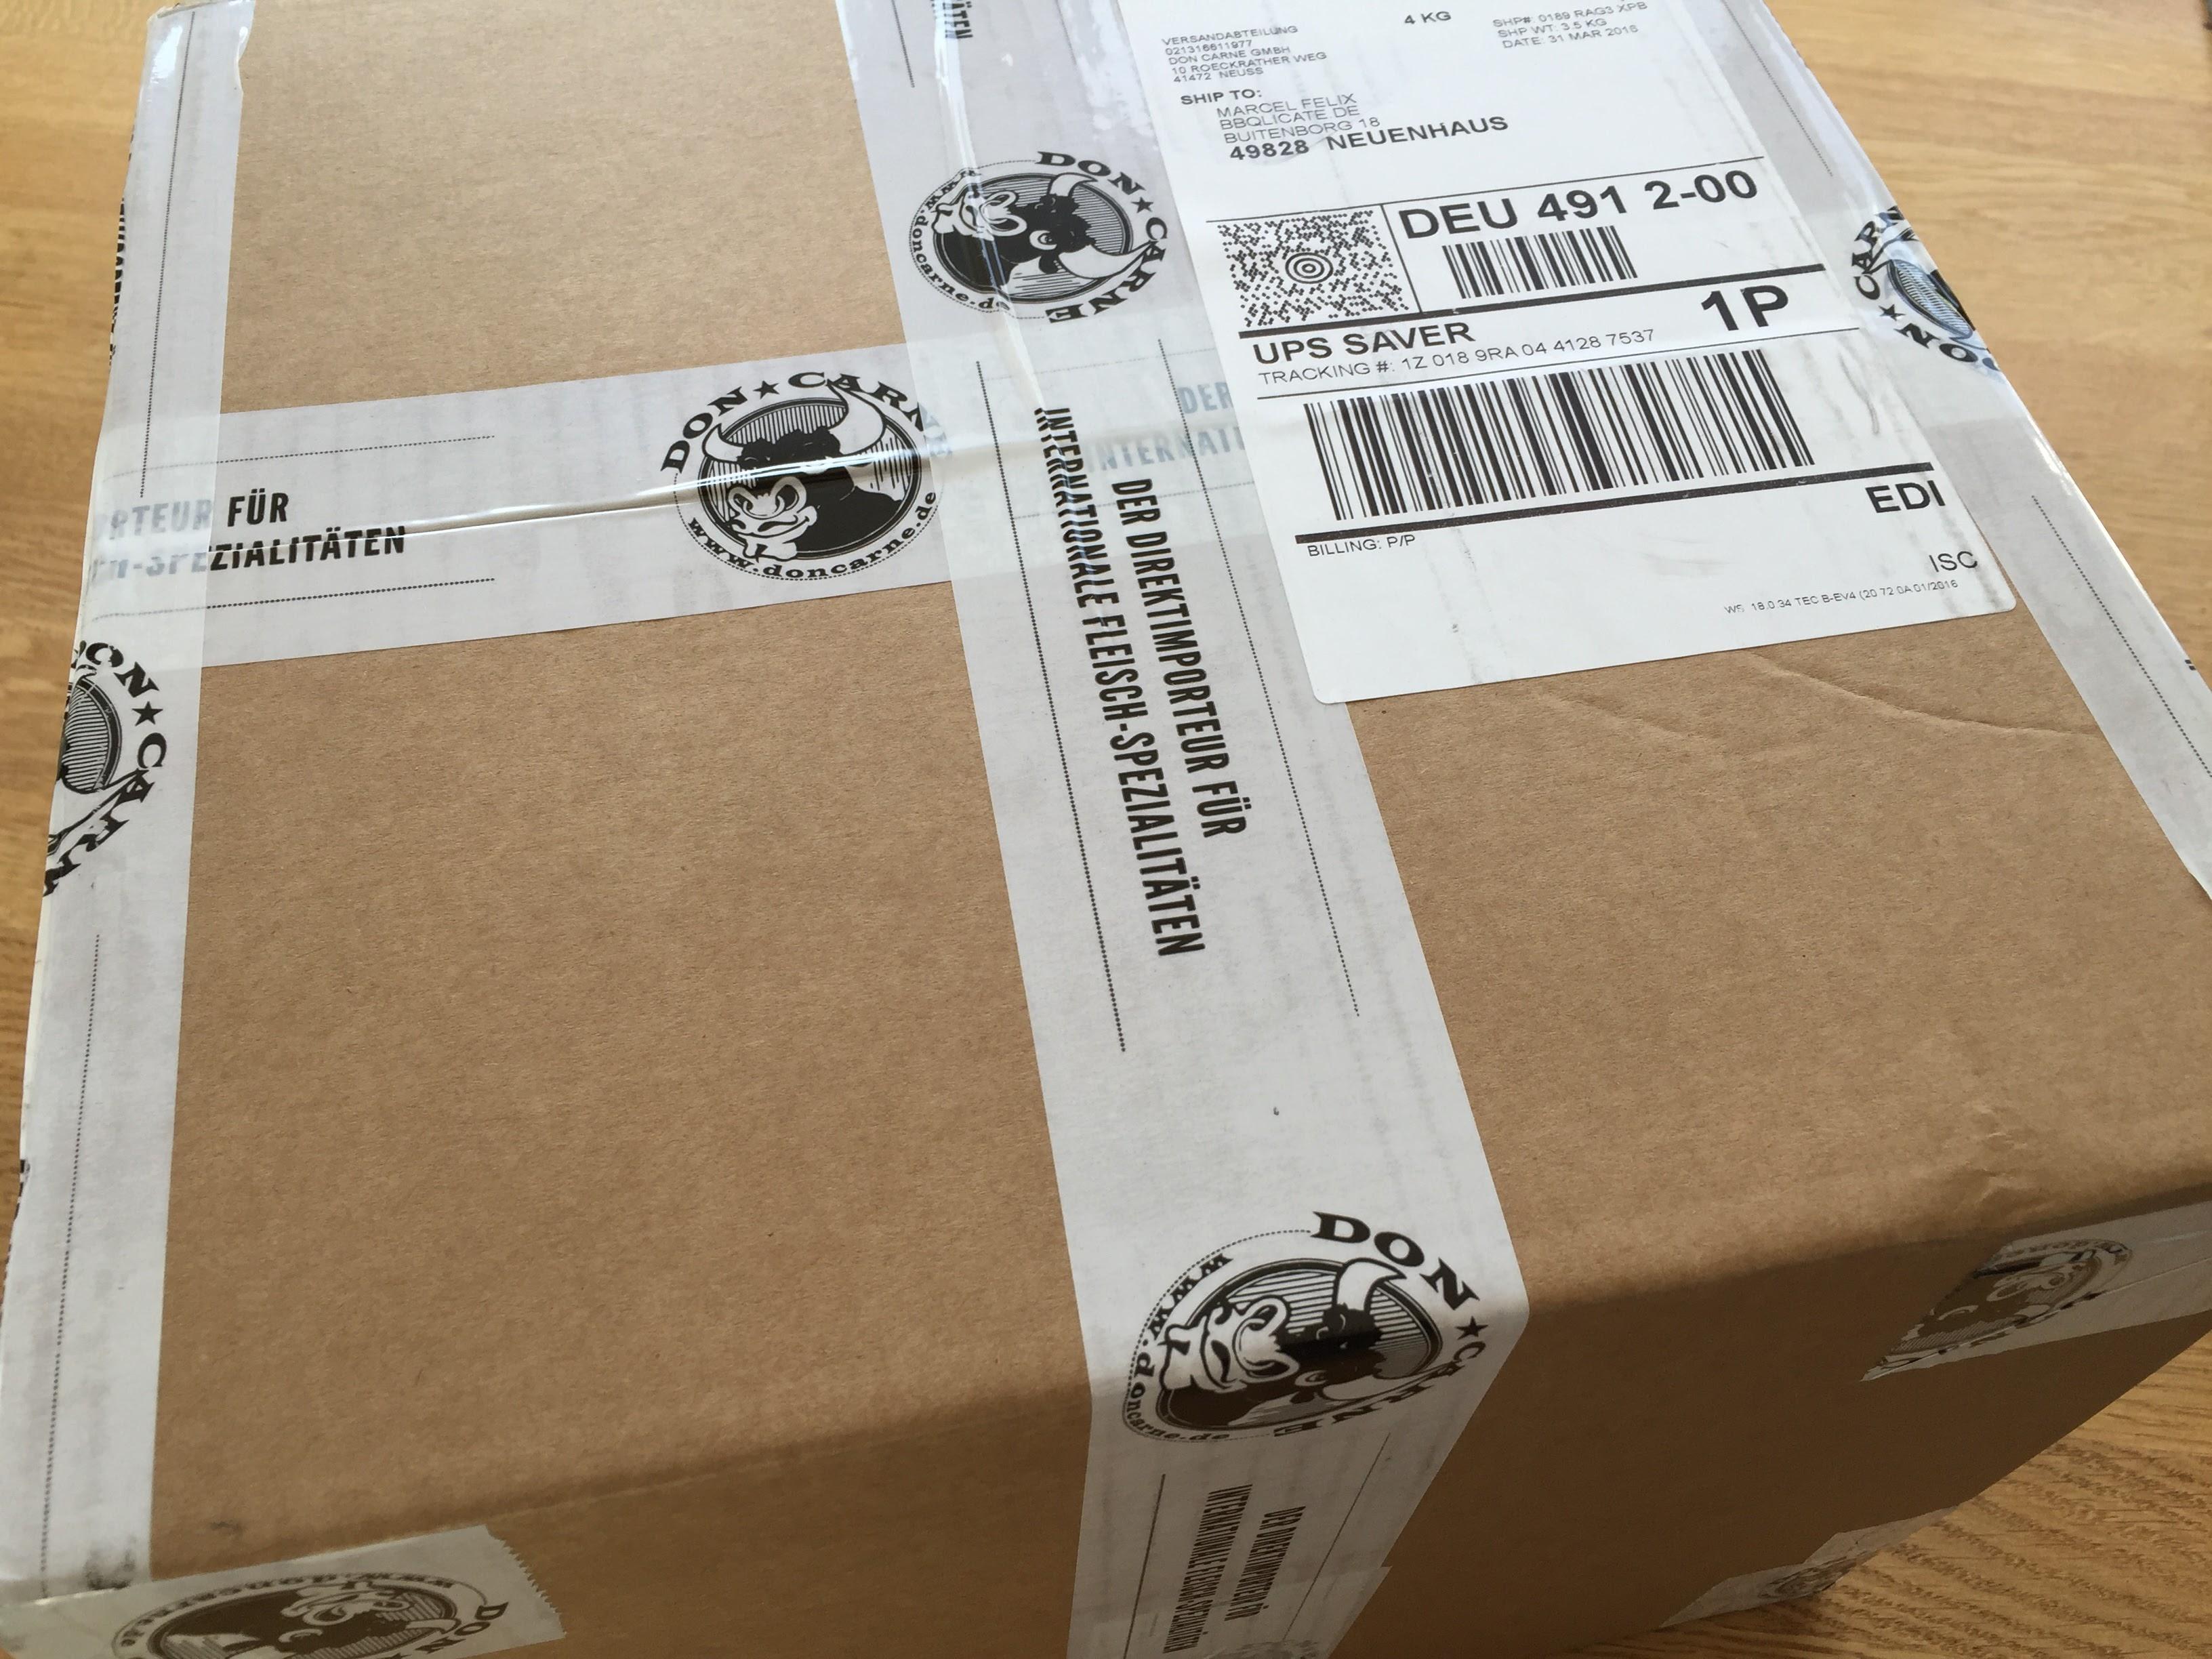 Gut verpackt von UPS geliefert